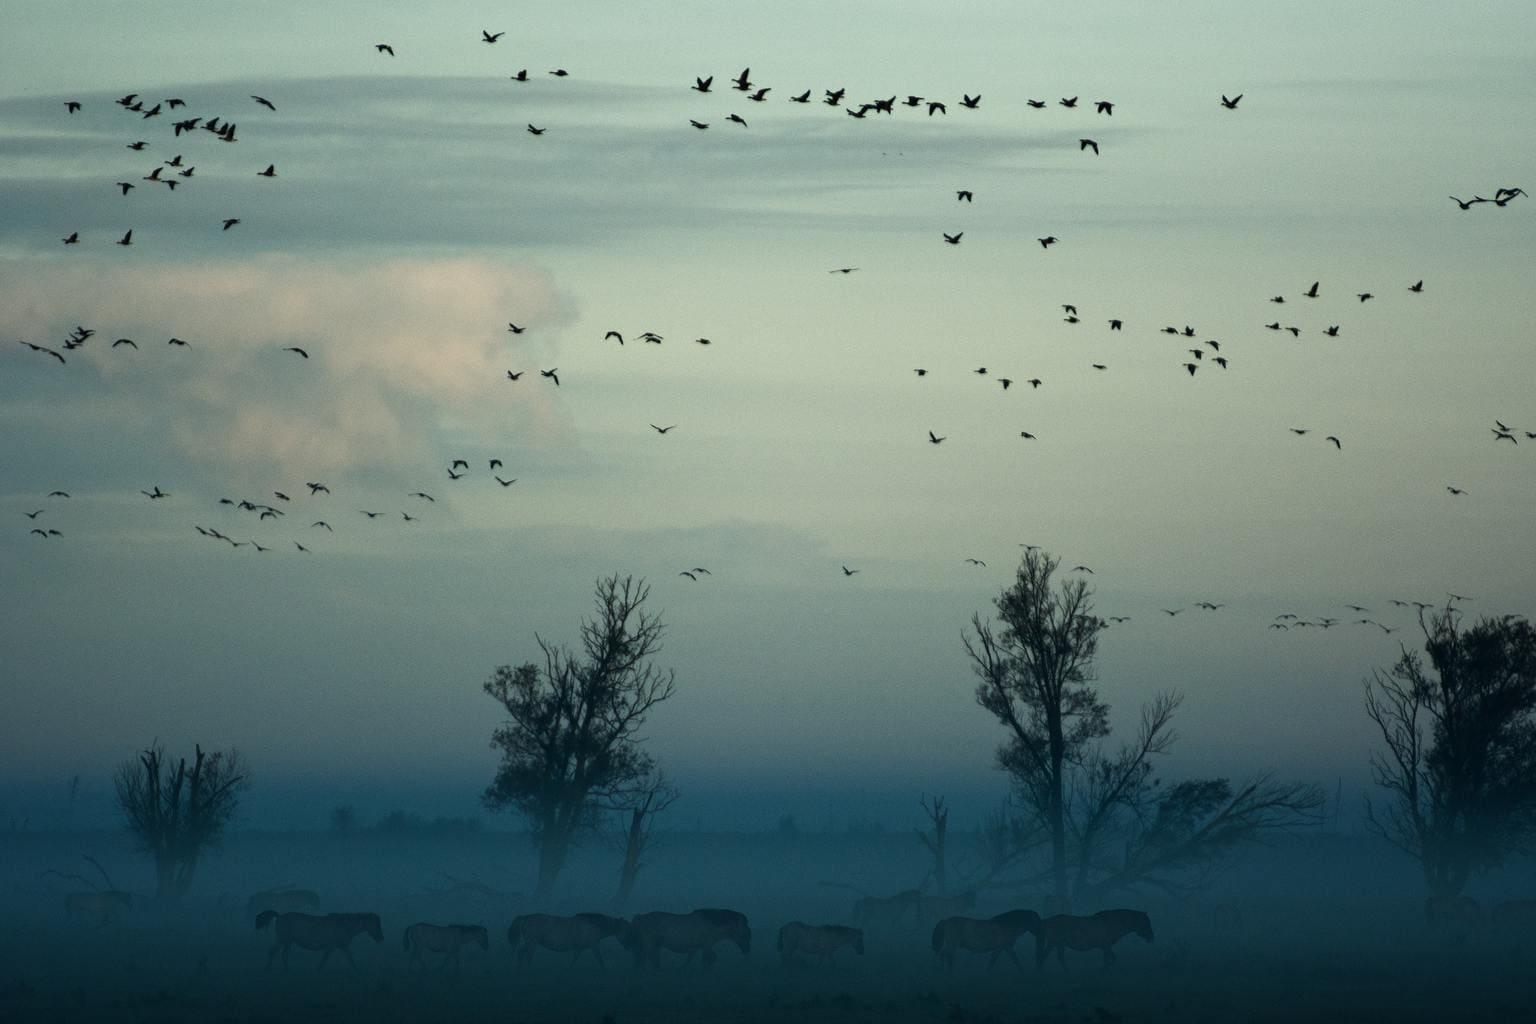 Paisaje con pájaros en el cielo